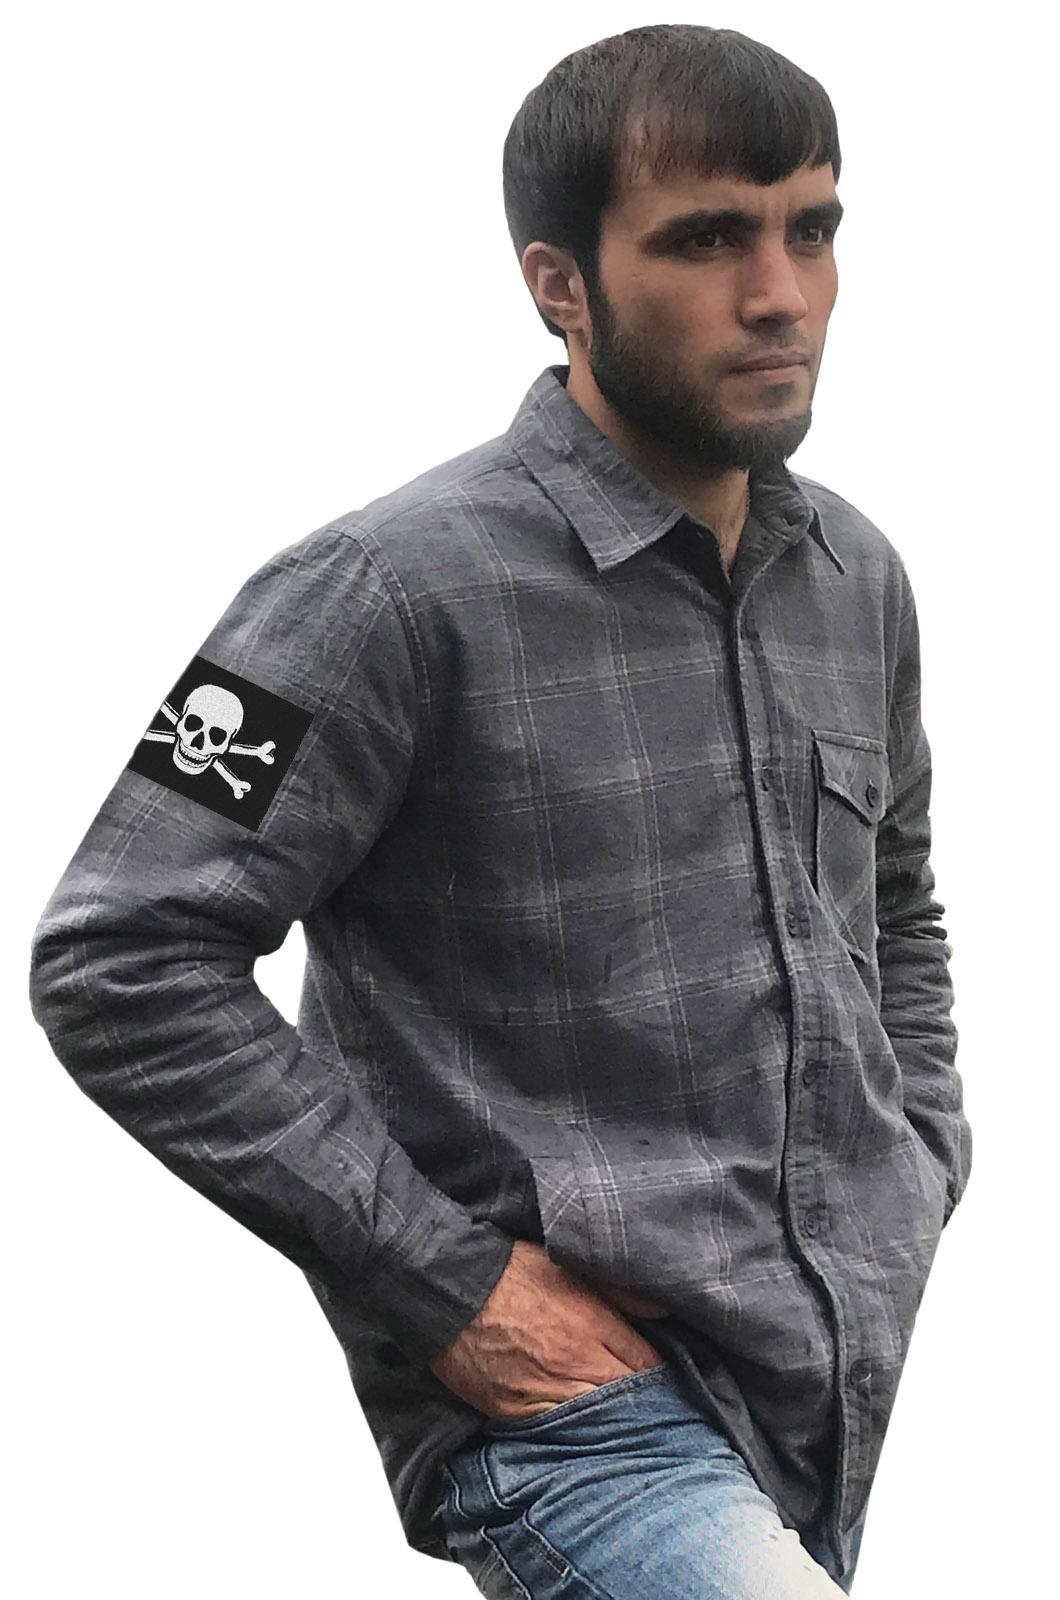 Надежная рубашка с вышитым пиратским шевроном